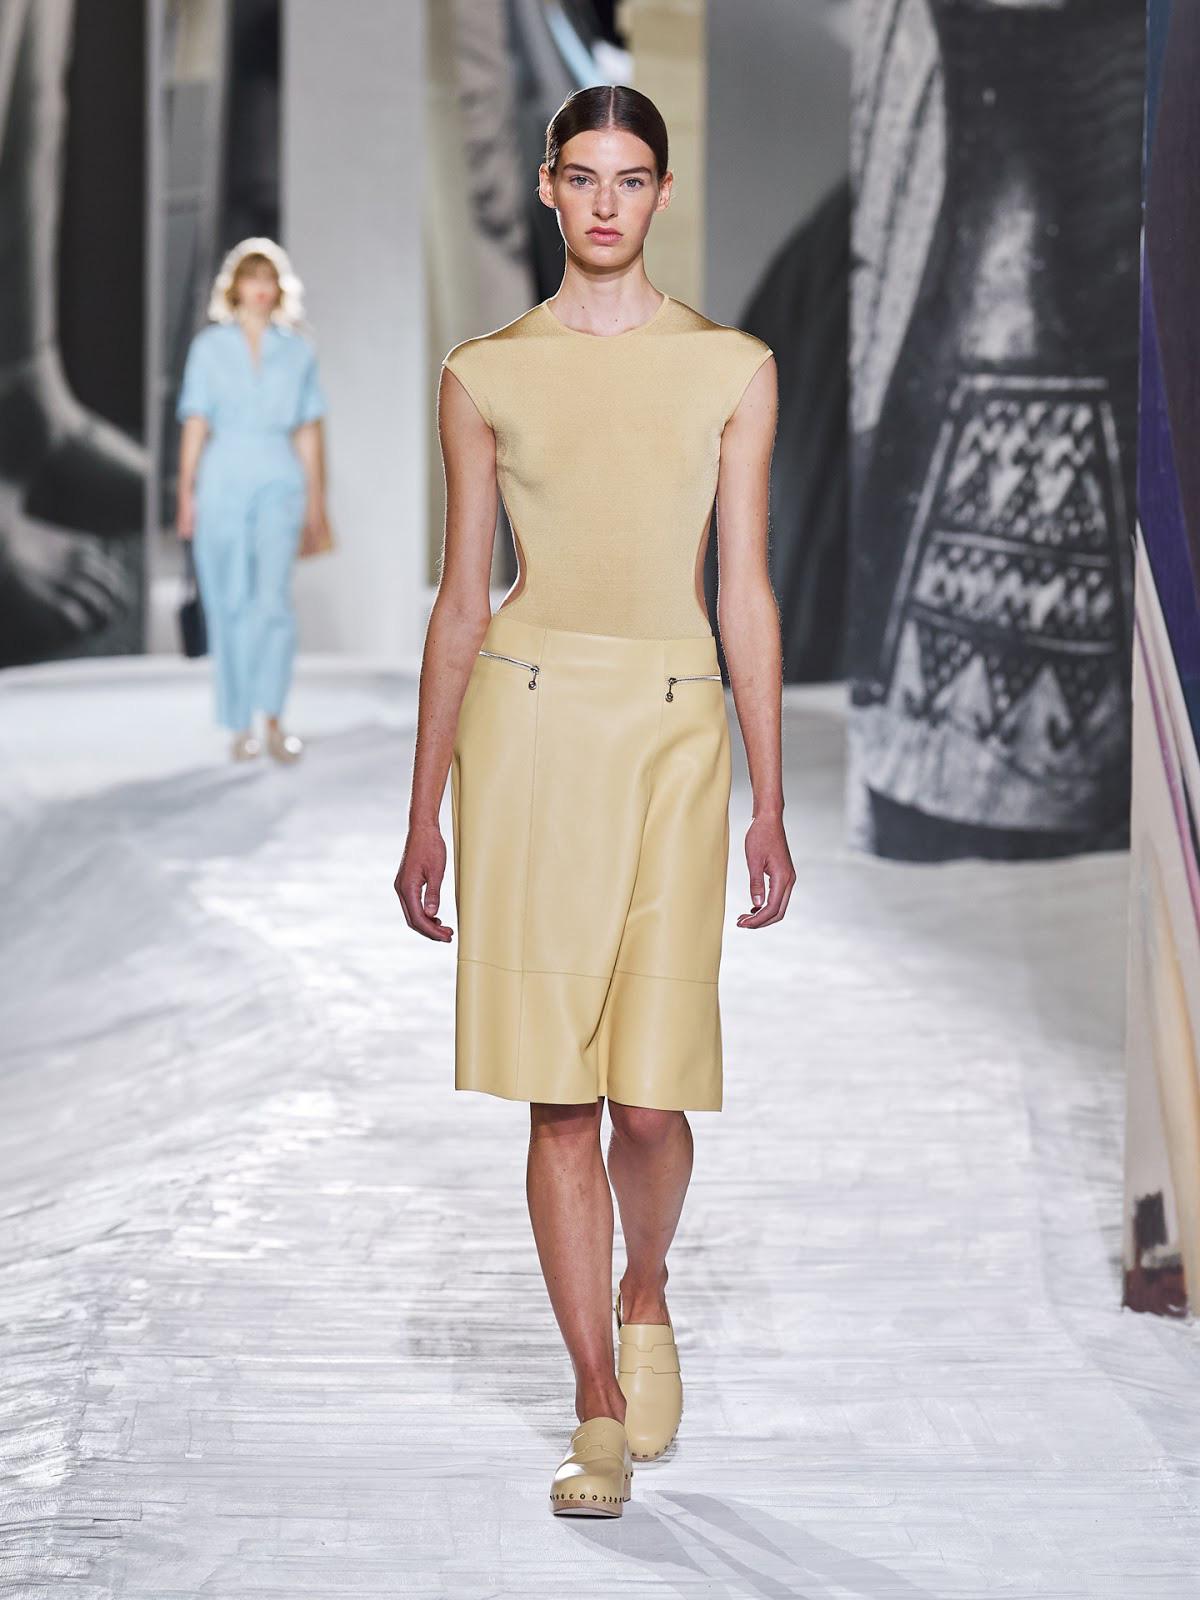 Hermès Xuân - Hè 2021: Bộ sưu tập chắp vá và giấc mơ xa xỉ bình dị của Nadège Vanhee-Cybulski - Ảnh 2.